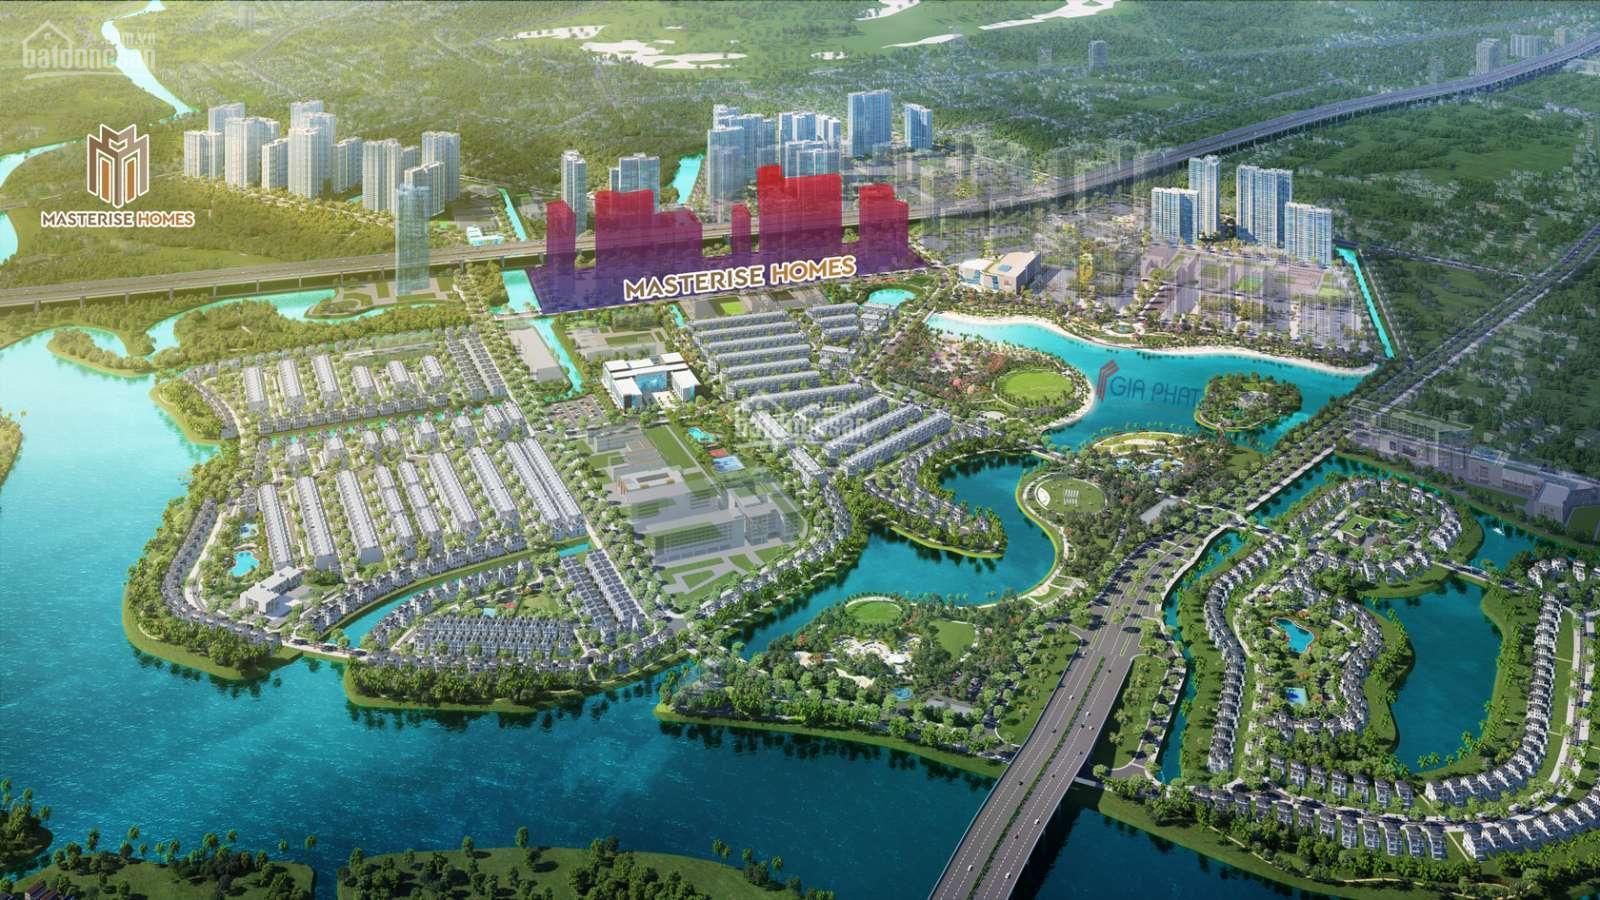 Dự án Masteri Homes Q9, vị trí trung tâm VGP, LH: 0903982703 - 0966270398